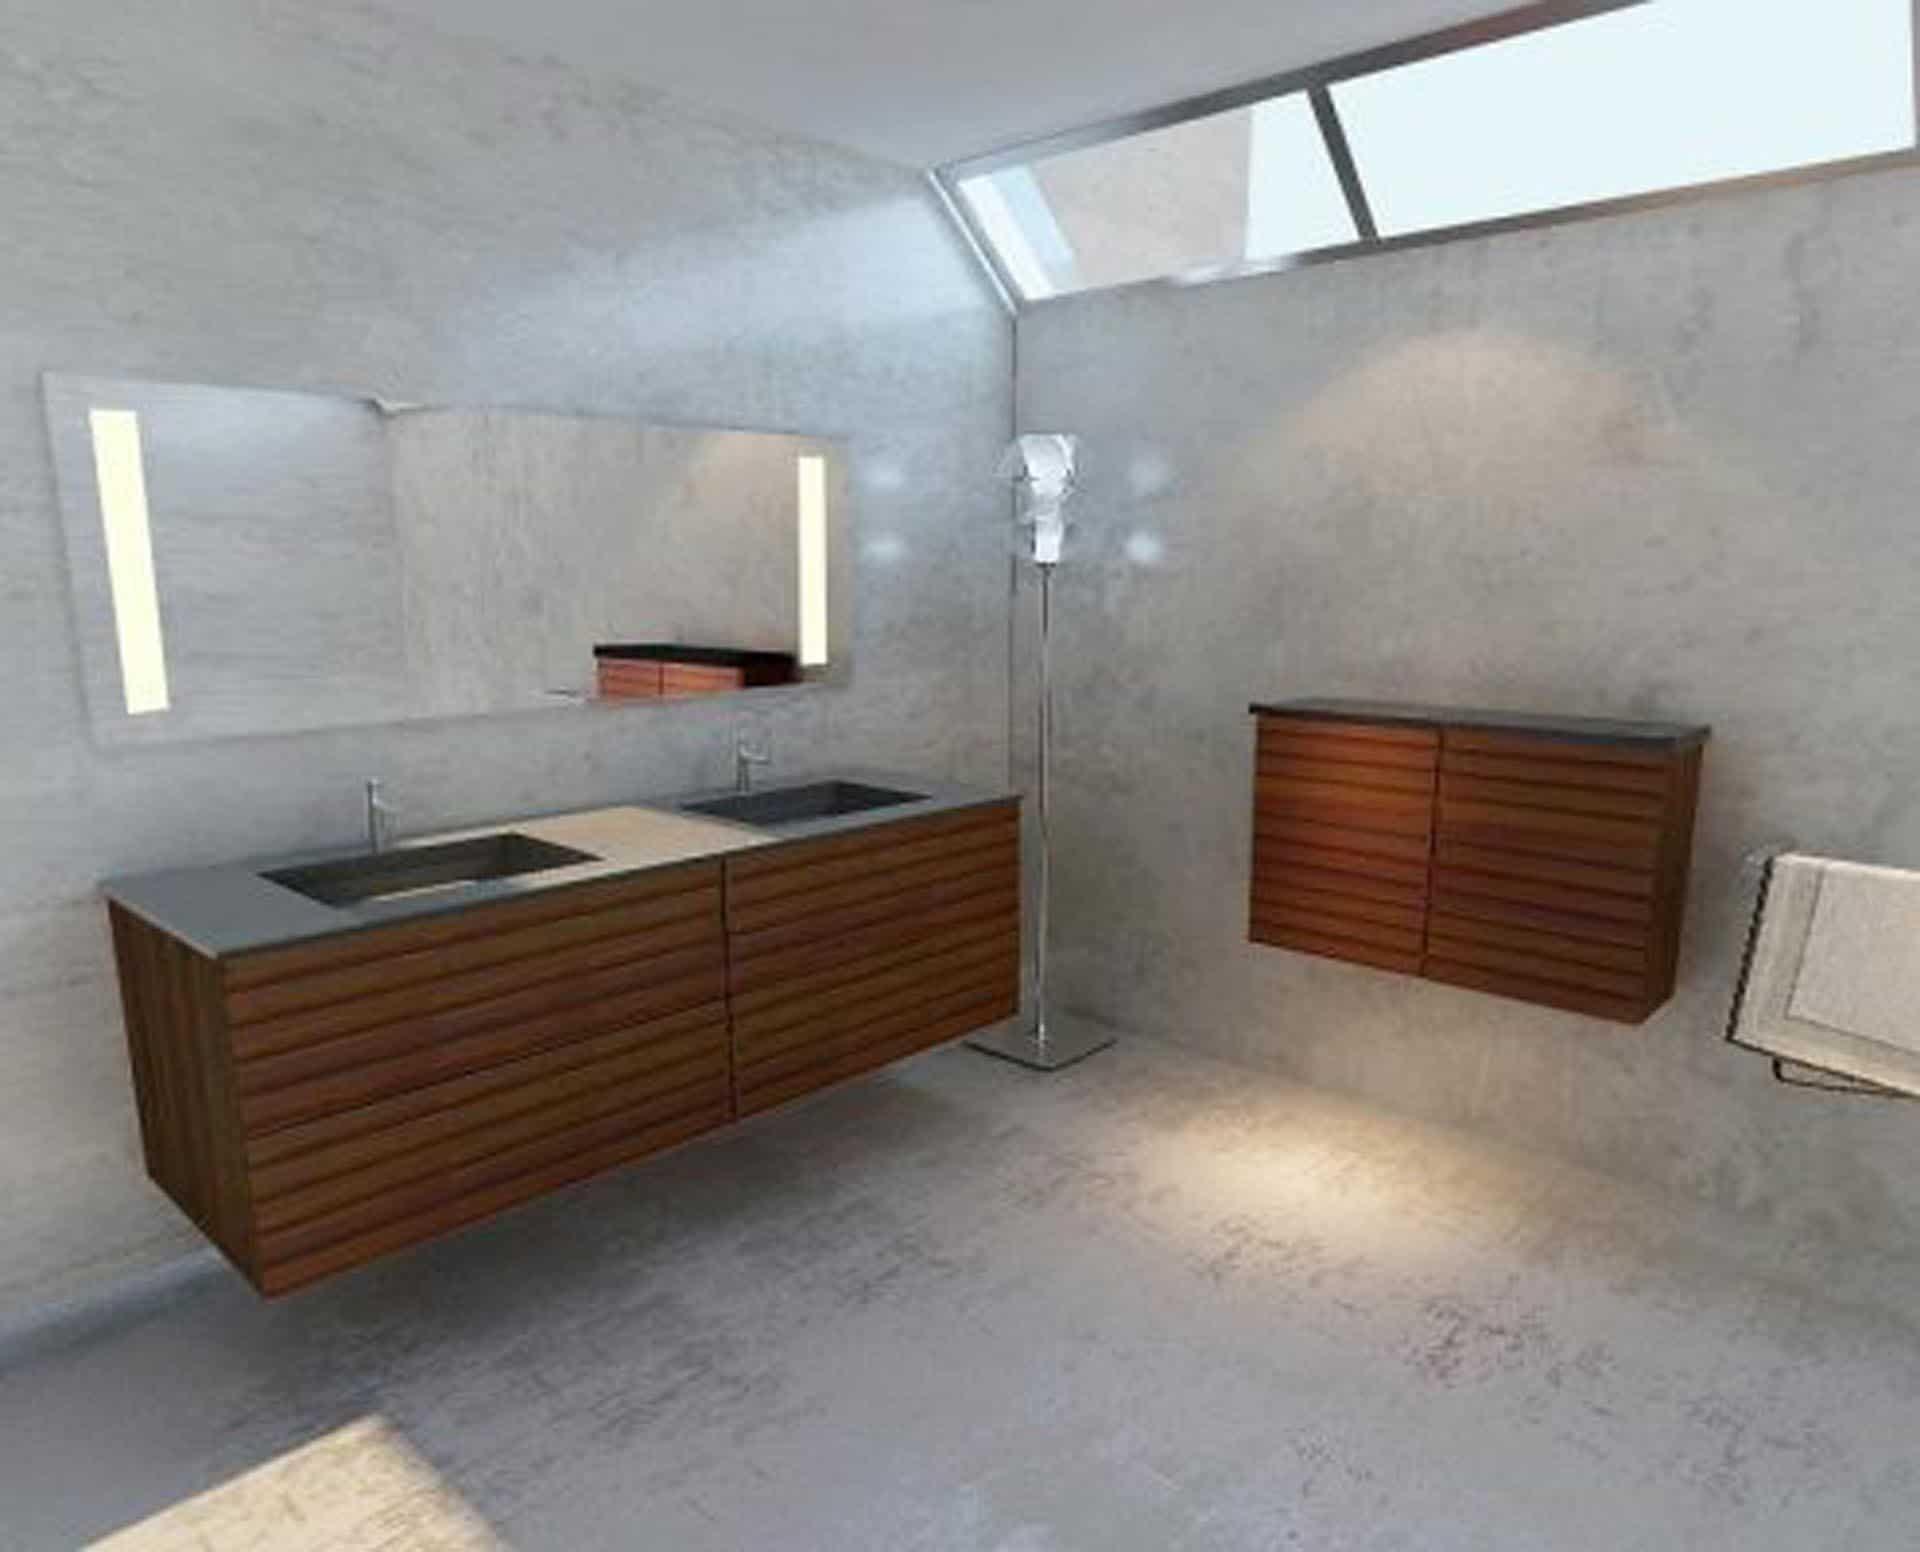 Lækker og simpel beton håndvask, med pæne afrundinger. Farven er i grå - en fantastik flot, moderne og naturlig betonfarve, der passer ind i ethvert badeværelse. Materialet er en kombination af komposit, fiber og beton, dette gør, at vasken er væsentlig stærkere end normal beton. Beton tåler ikke stærke rengøringsmidler, eller syreholdige produkter. Vi anbefaler derfor at vasken rengøres i pH neutralt rengøringsmiddel. Vasken har målene: 163,2 x 54,5 x 4 cm. Vasken kan bruges som fritstående vask - da vasken er flad i bunden er den velegnet til at placere direkte på en bordplade. Vasken er hensynsmæssigt designet med fine rundinger, som både giver vasken et eksklusivt udtryk og gør den rengøringsvenlig. Vasken vedligeholdes med voks - vi anbefaler en behandling med vores egen naturvoks ID12002 et par gange om året for at opnå optimalt look.